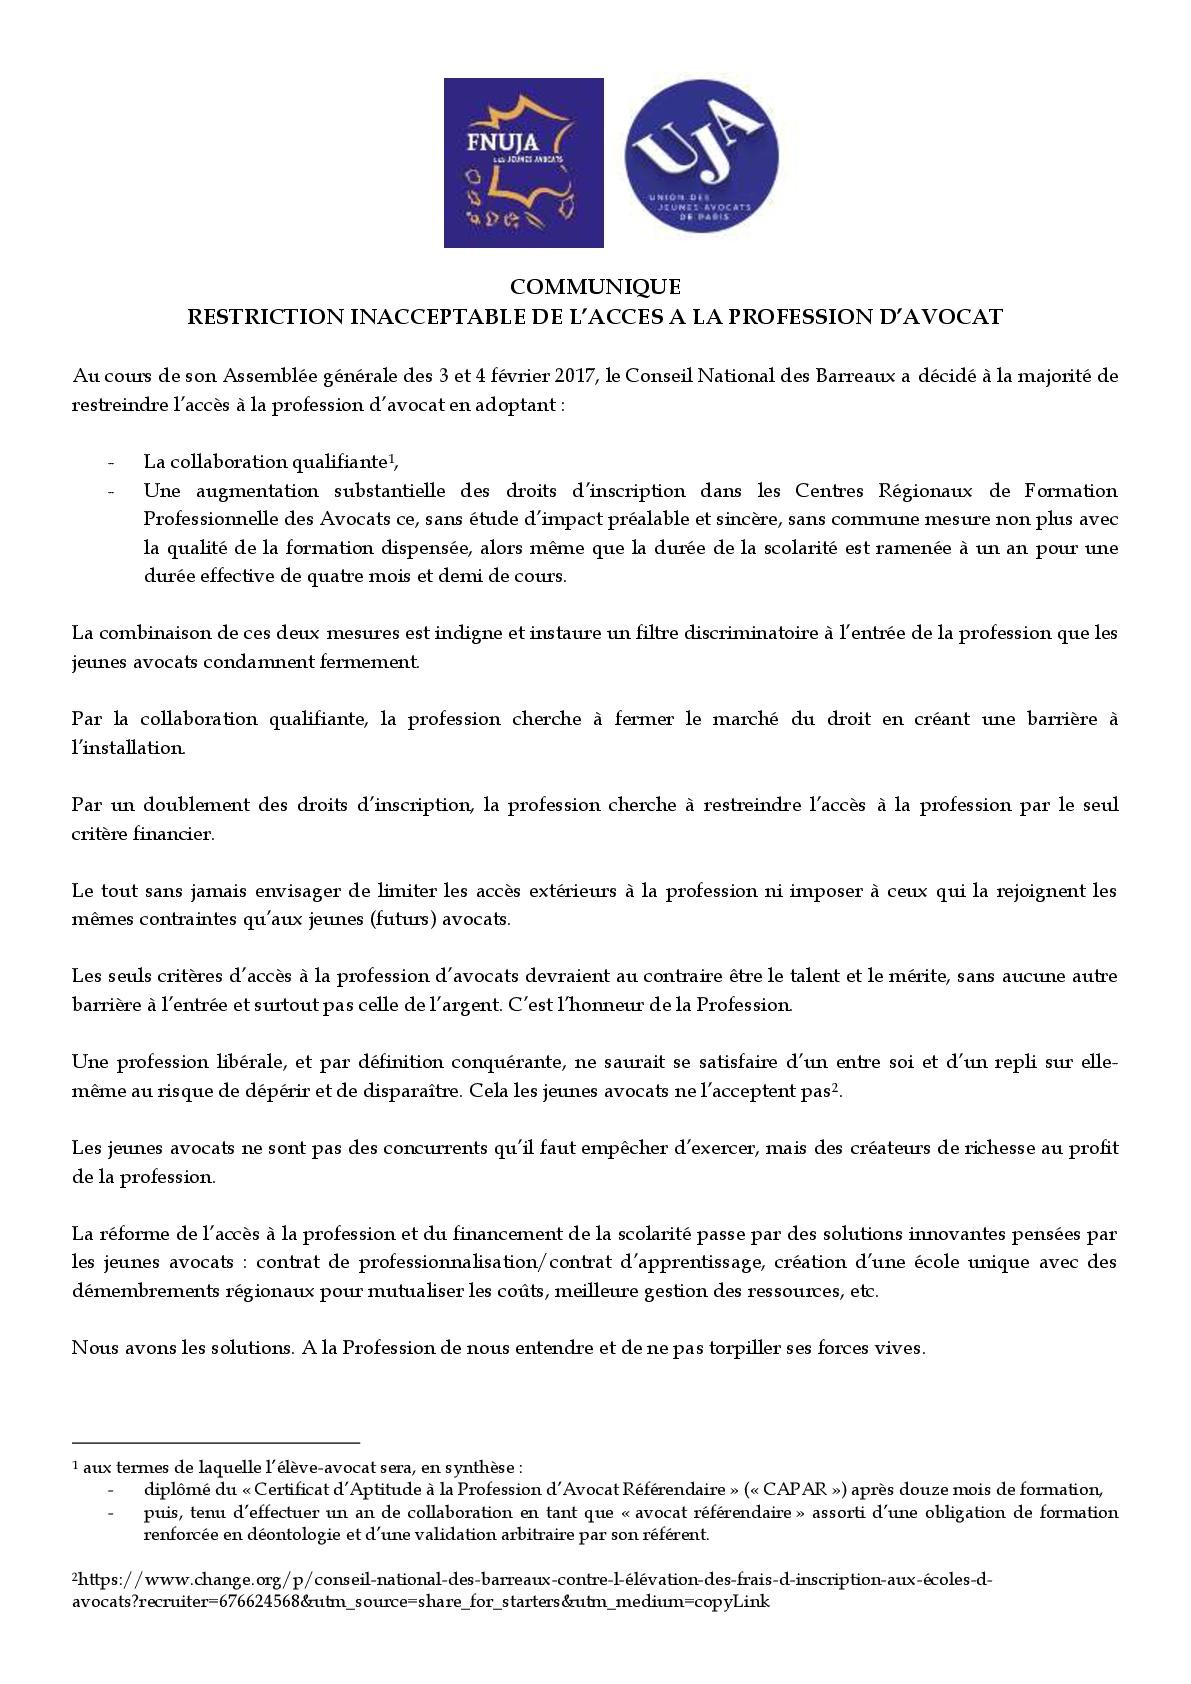 ALERTE : RESTRICTION INACCEPTABLE DE L'ACCES A LA PROFESSION D'AVOCAT